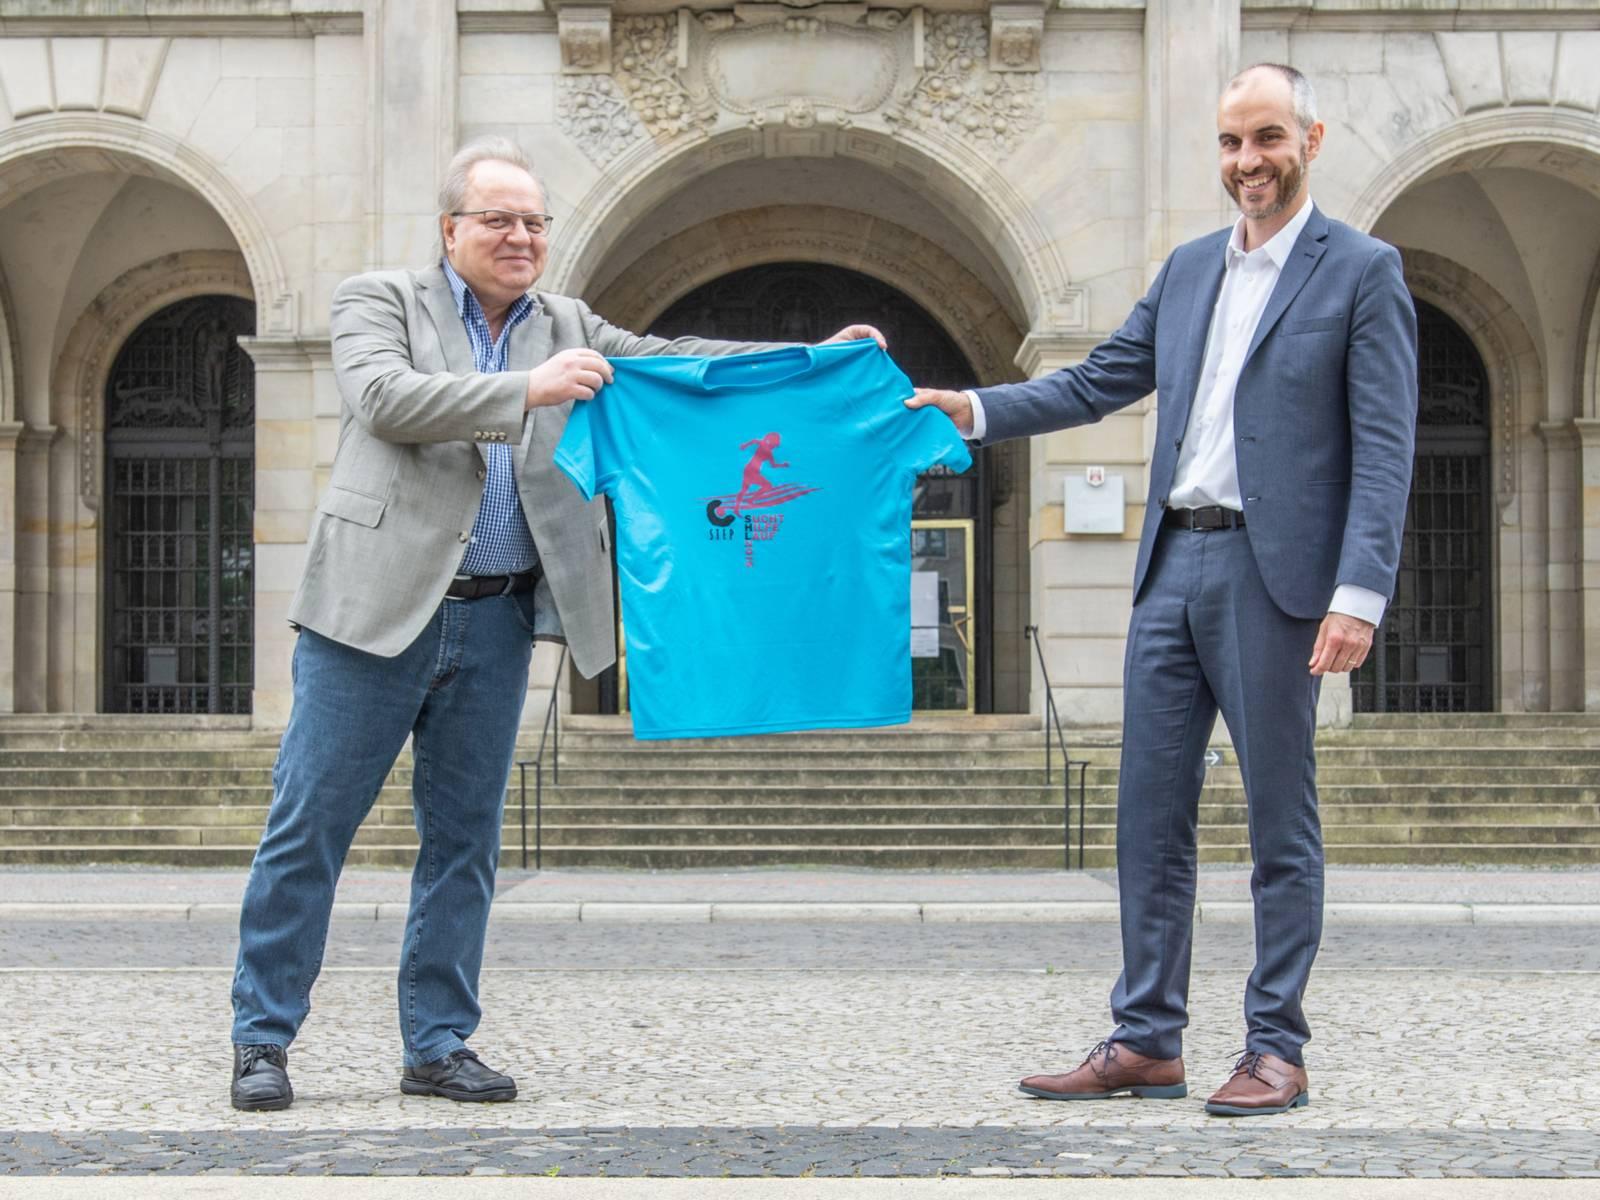 Zwei Männer halten gemeinsam ein T-Shirt zum Suchthilfelauf in den Händen und präsentieren es